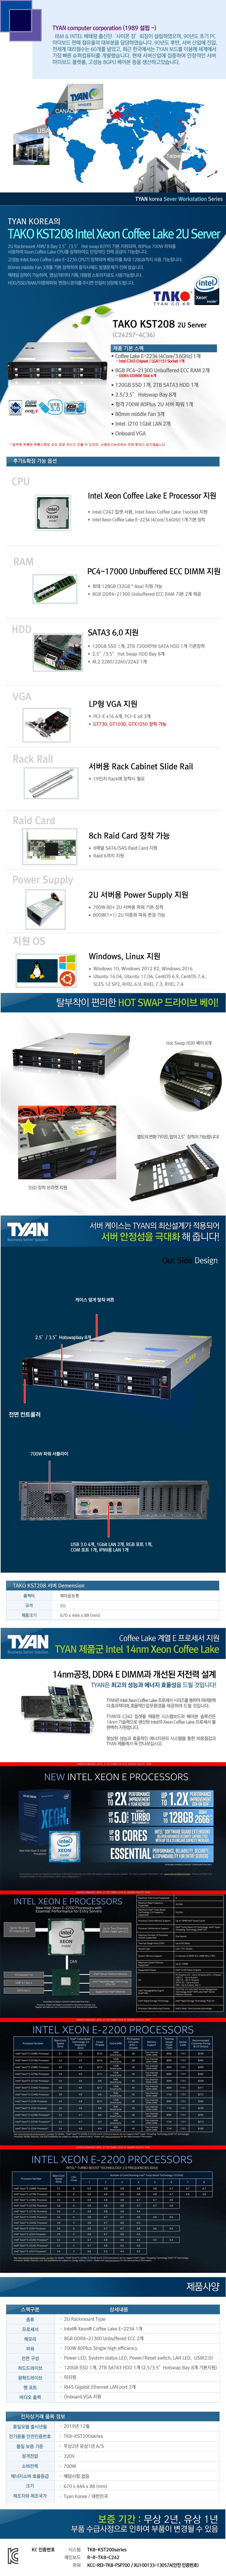 TYAN TAKO-KST208-(C242S7-4C36) (16GB, SSD 120GB + 2TB)